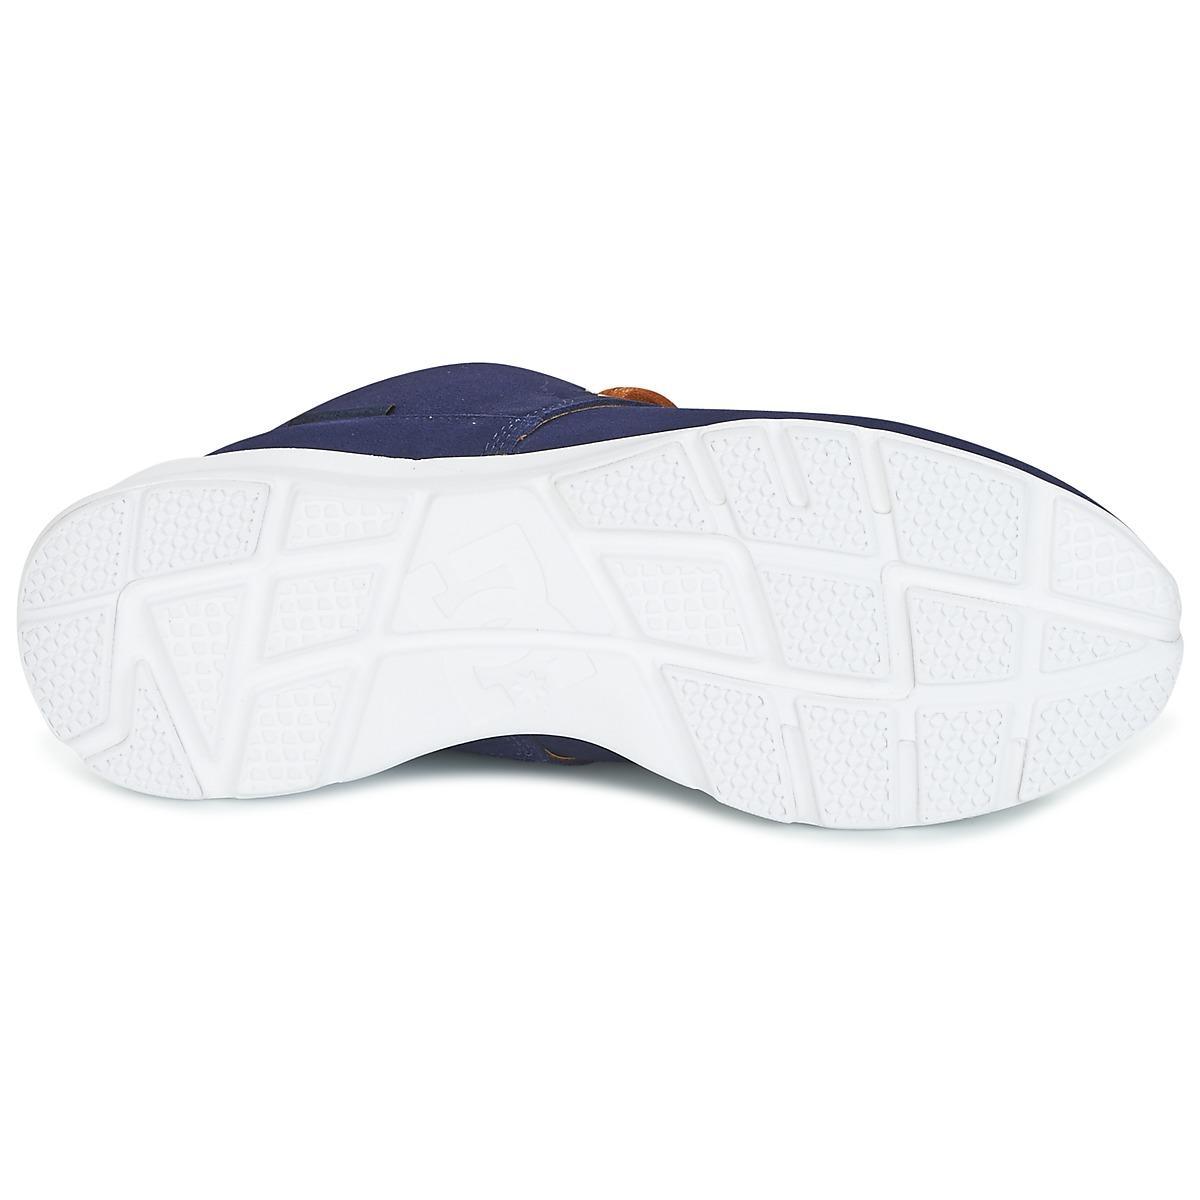 DC Shoes Laarzen Ashlar M Shoe Nc2 in het Blauw voor heren